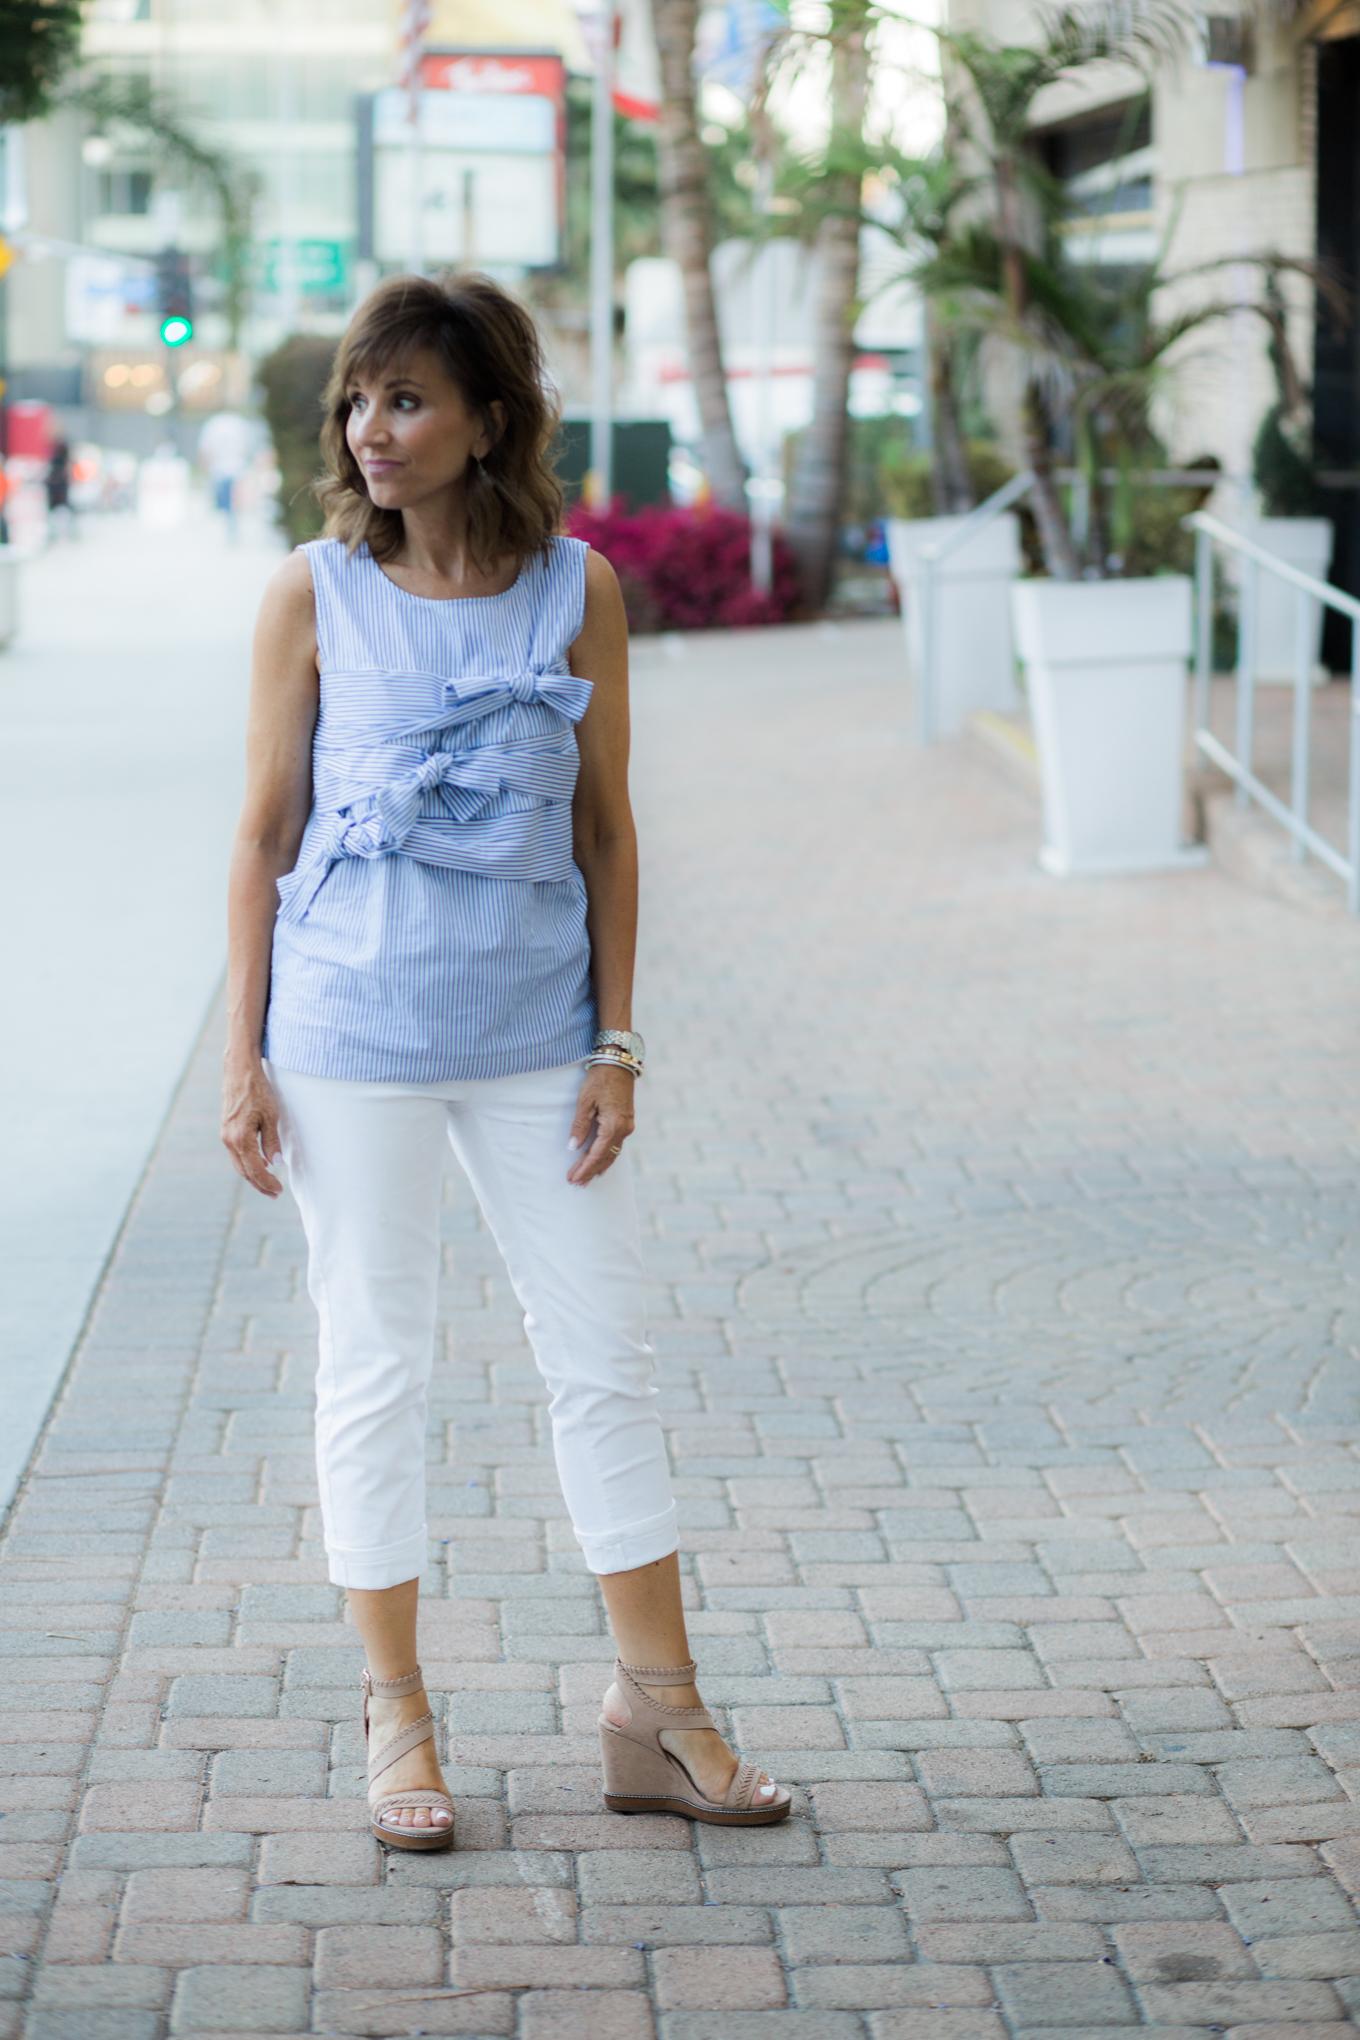 Pin Stripe Top + White Jeans